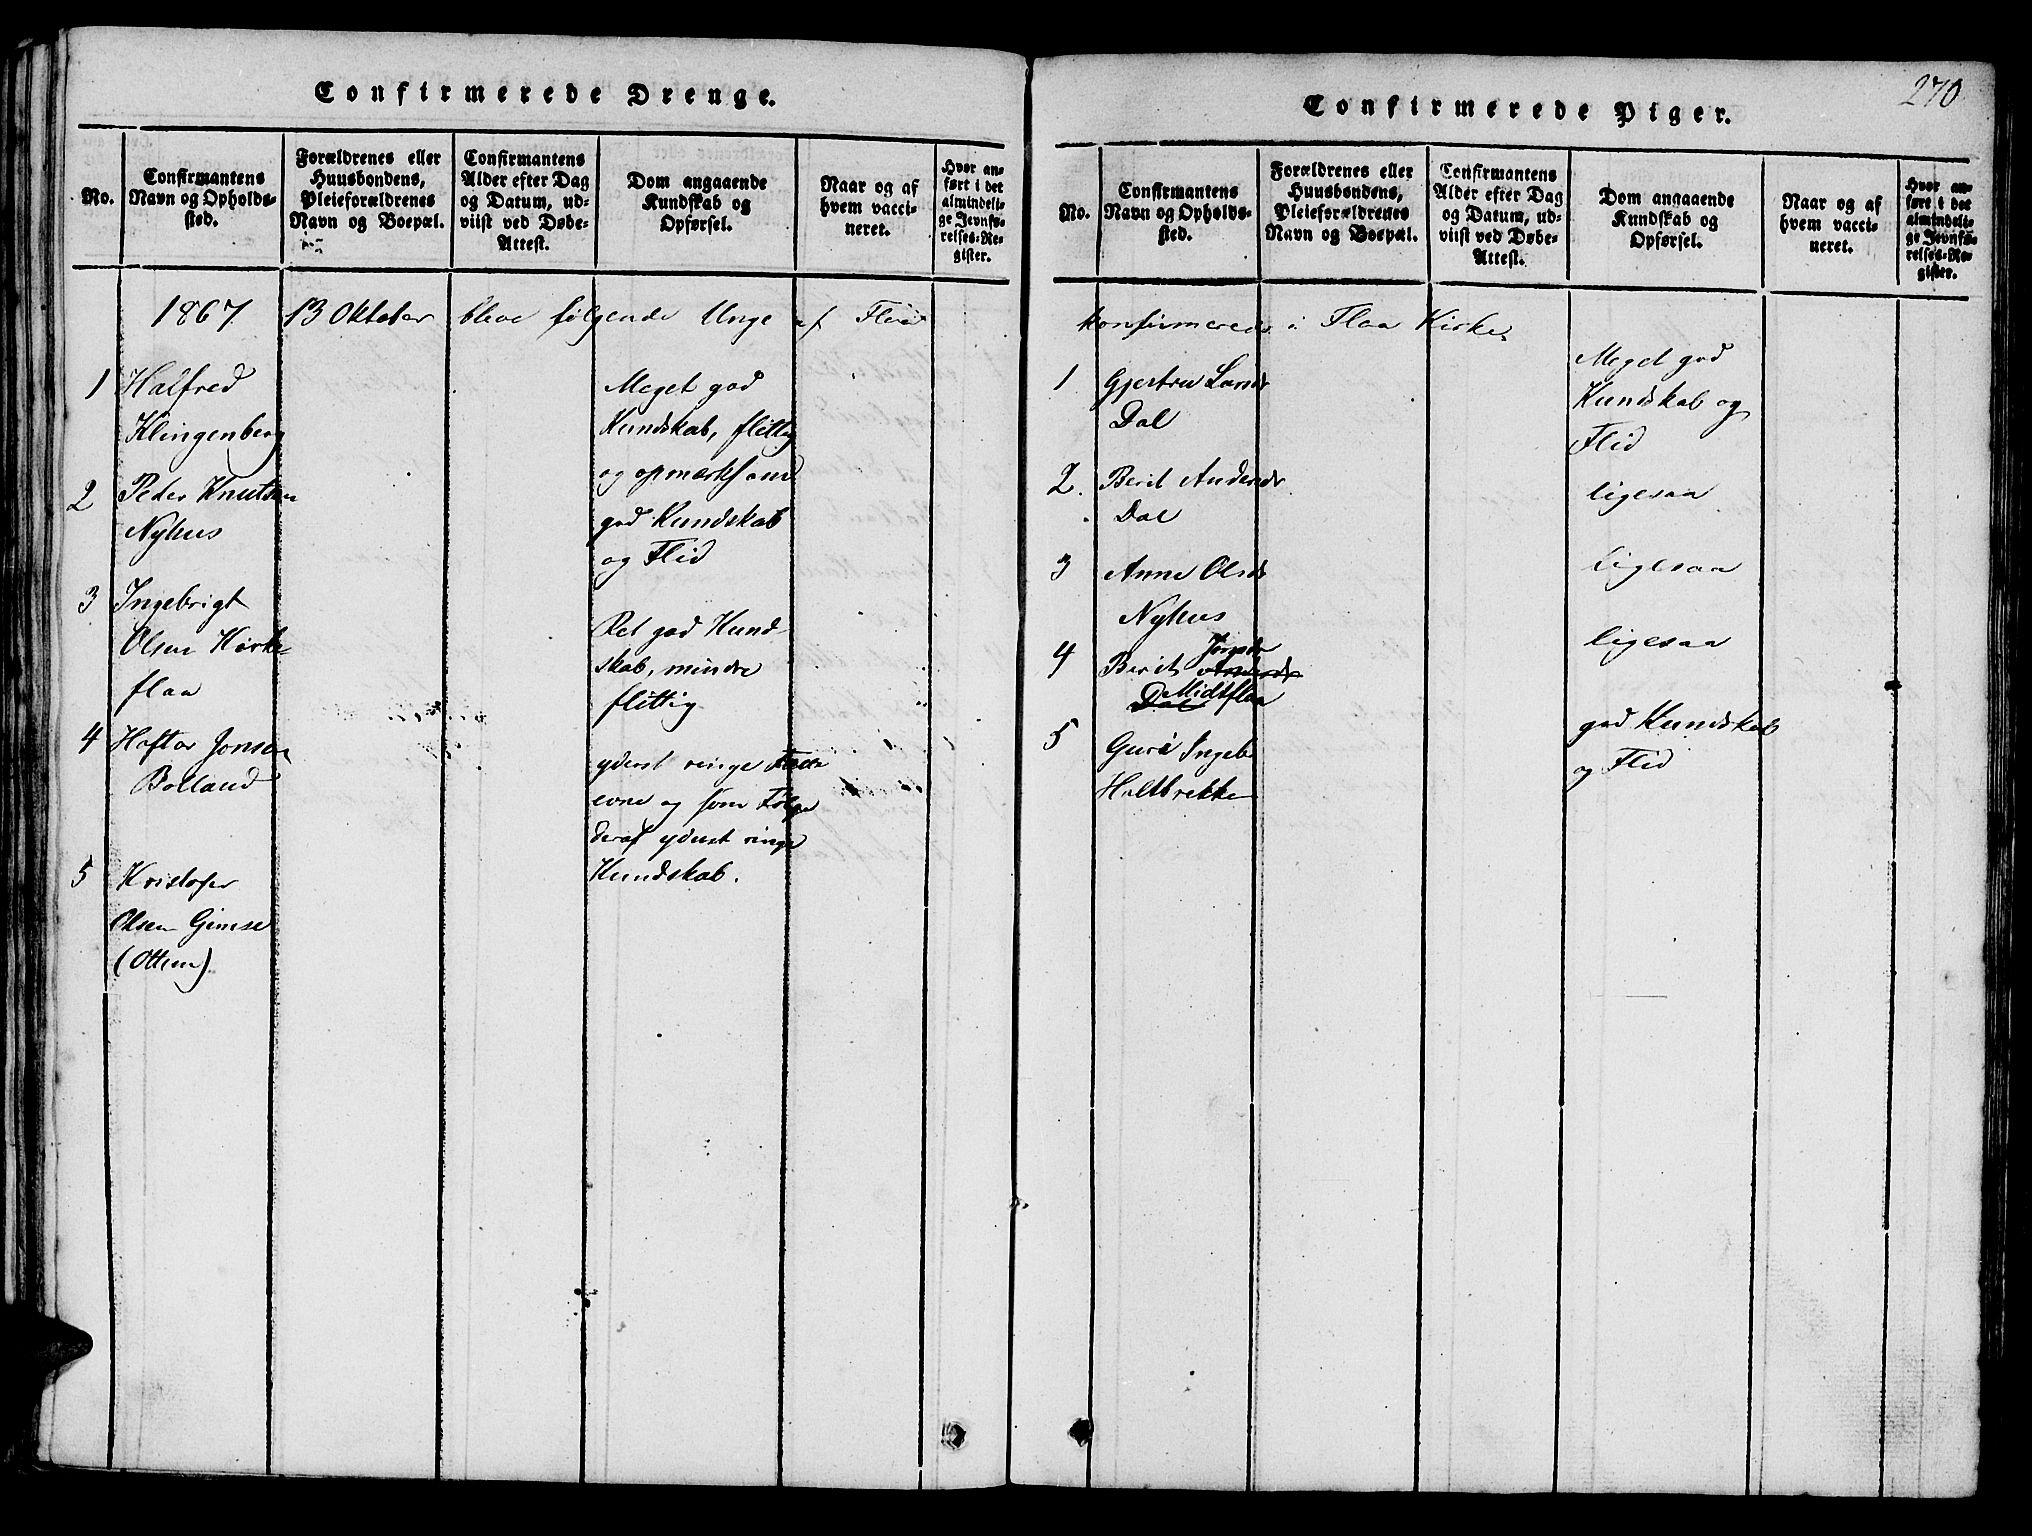 SAT, Ministerialprotokoller, klokkerbøker og fødselsregistre - Sør-Trøndelag, 693/L1121: Klokkerbok nr. 693C02, 1816-1869, s. 270